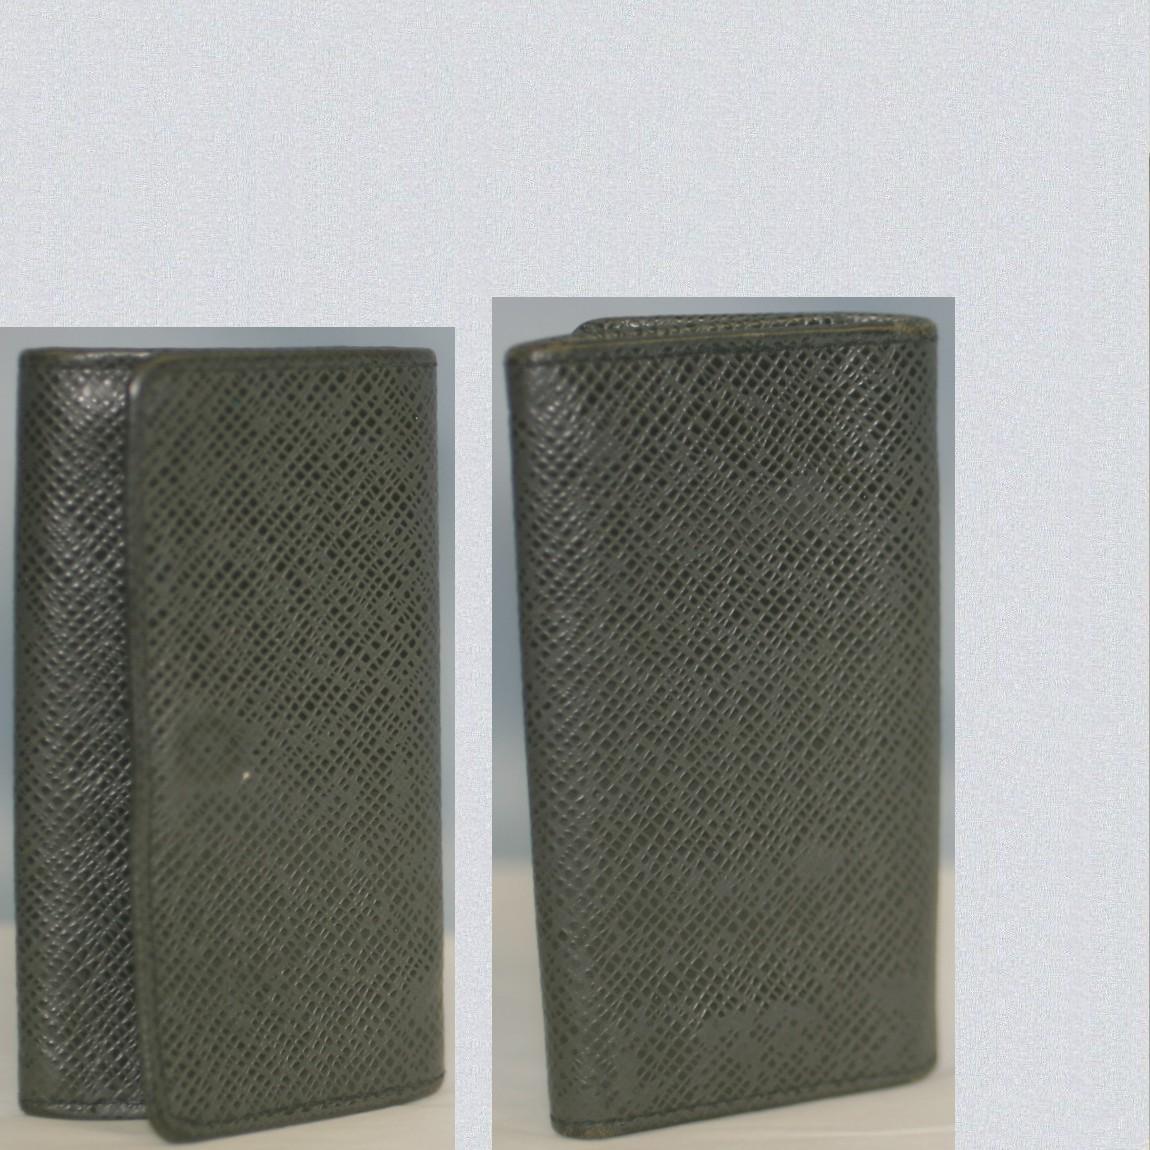 【中古】本物美品L/V紳士用タイガの黒アルドワーズ4連キーケースM30532